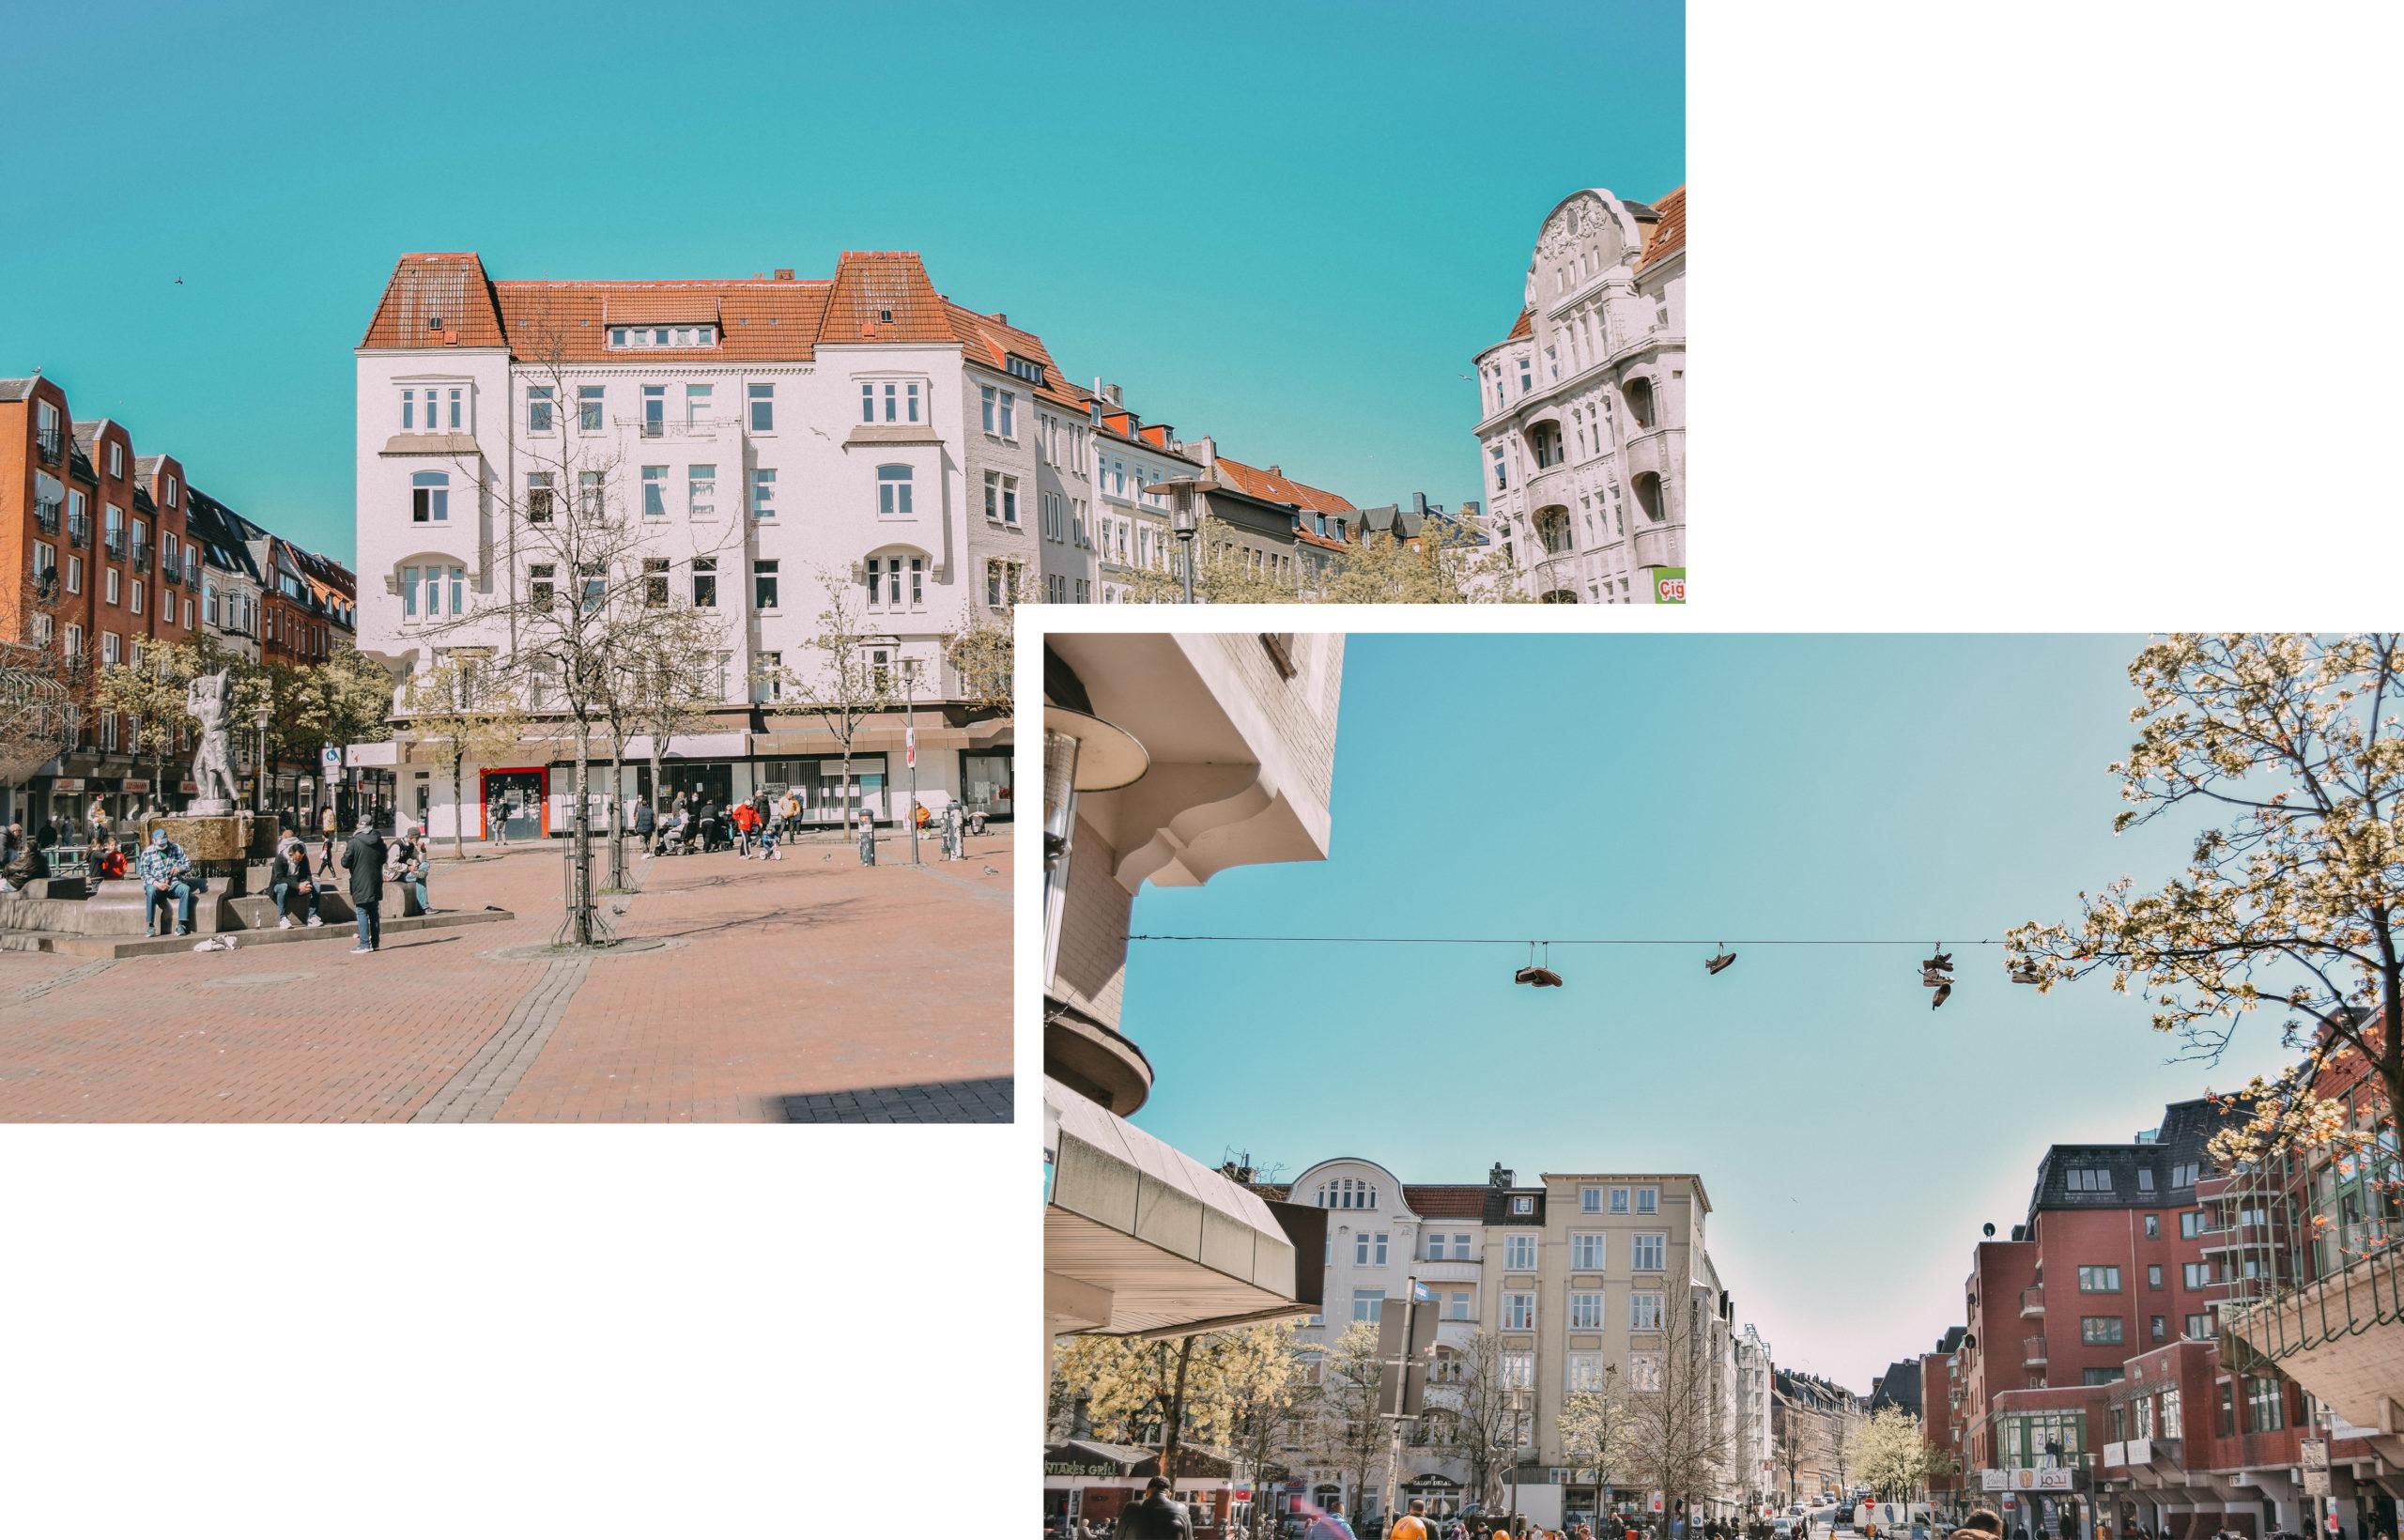 Vinetaplatz